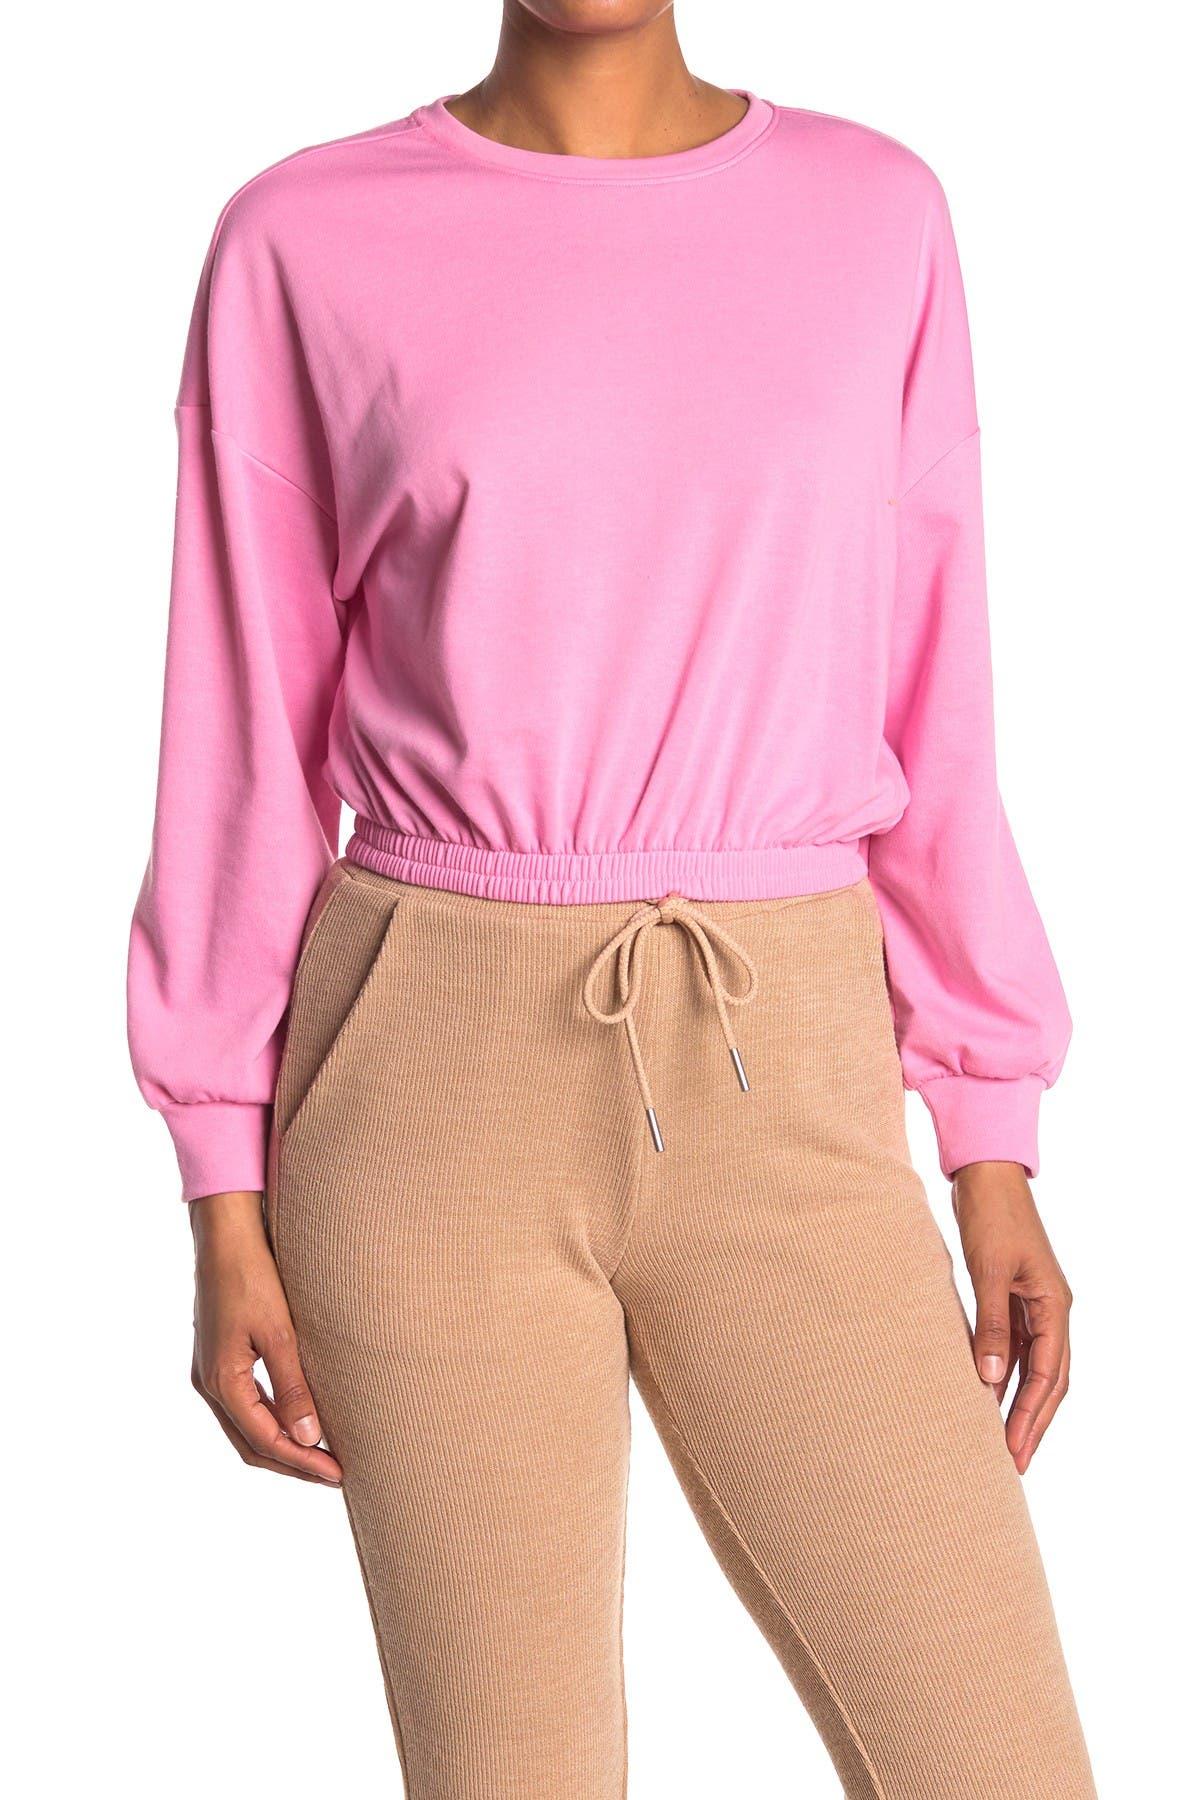 Image of Elodie Neon Elastic Waist Sweatshirt